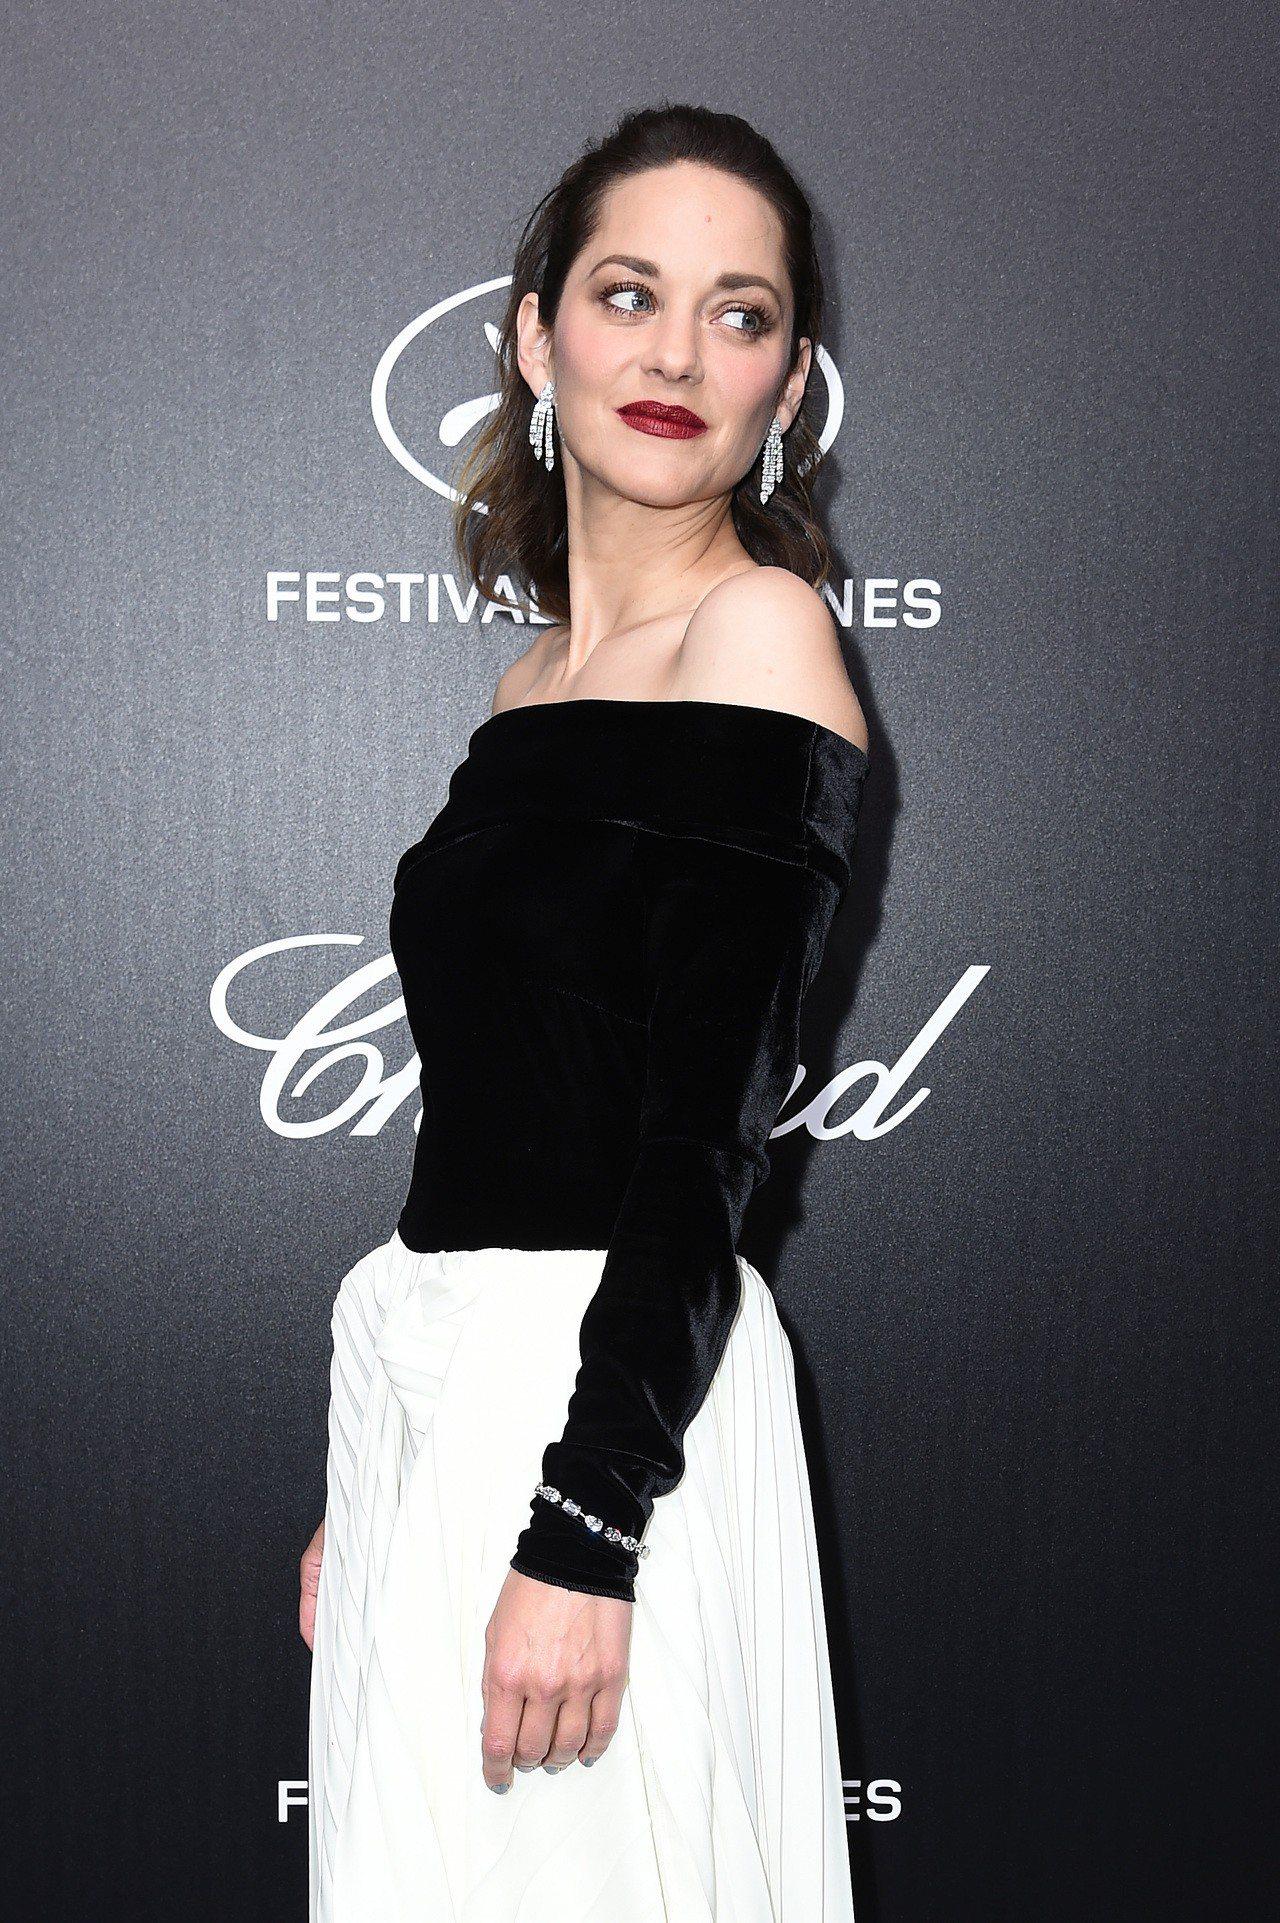 影后莉詠柯蒂亞配戴蕭邦珠寶出席蕭邦舉辦年度官方頒獎晚宴。圖/蕭邦提供